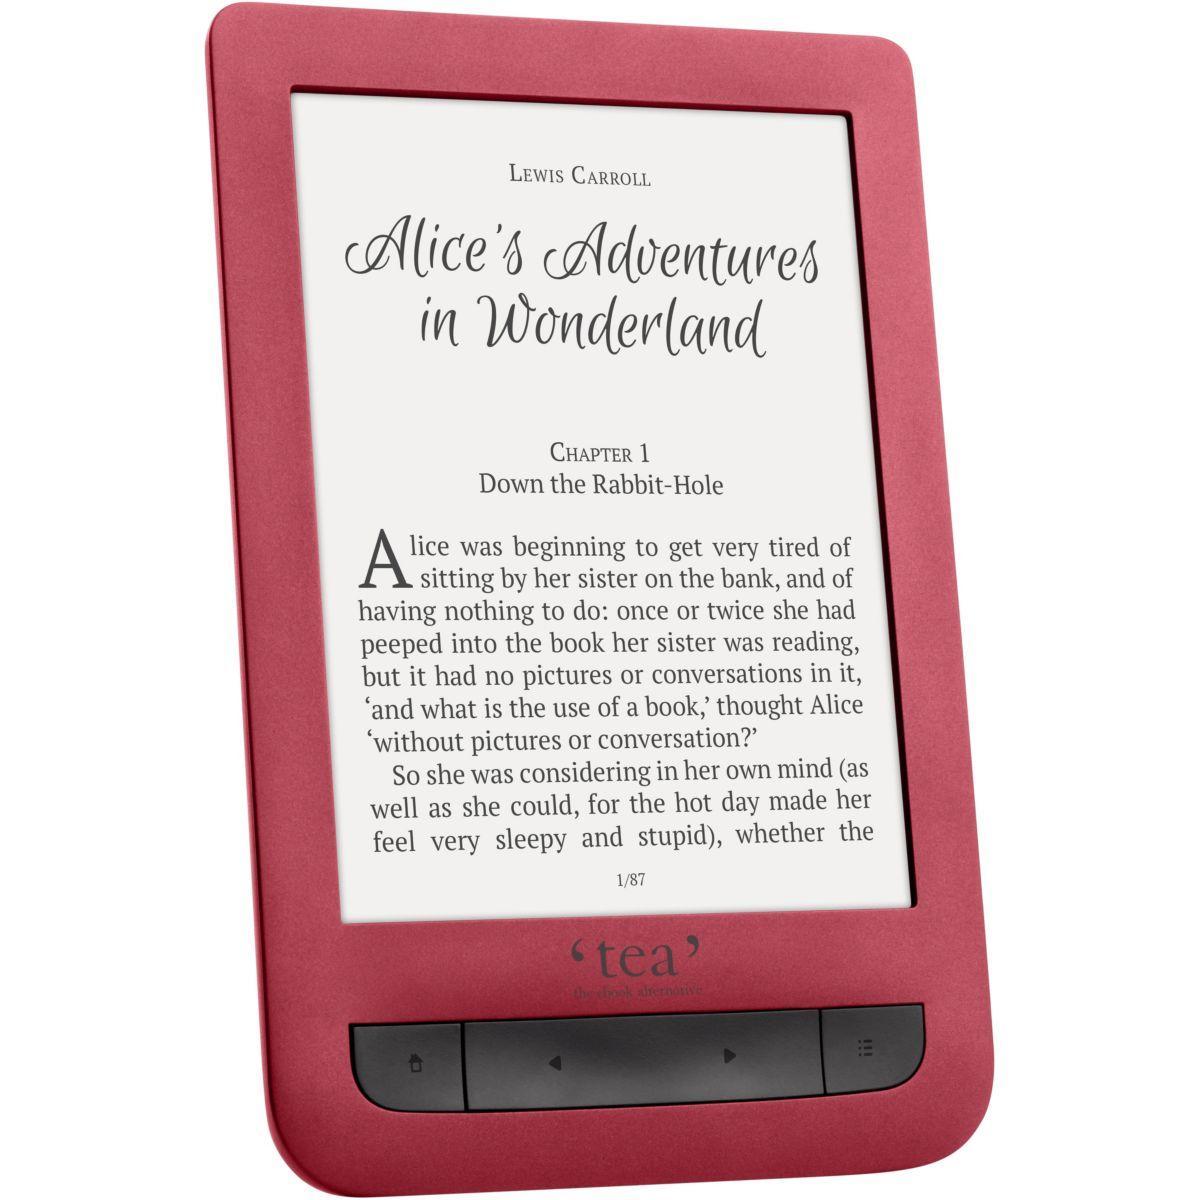 E-book tea touch lux 3 - 2% de remise immédiate avec le code : cool2 (photo)